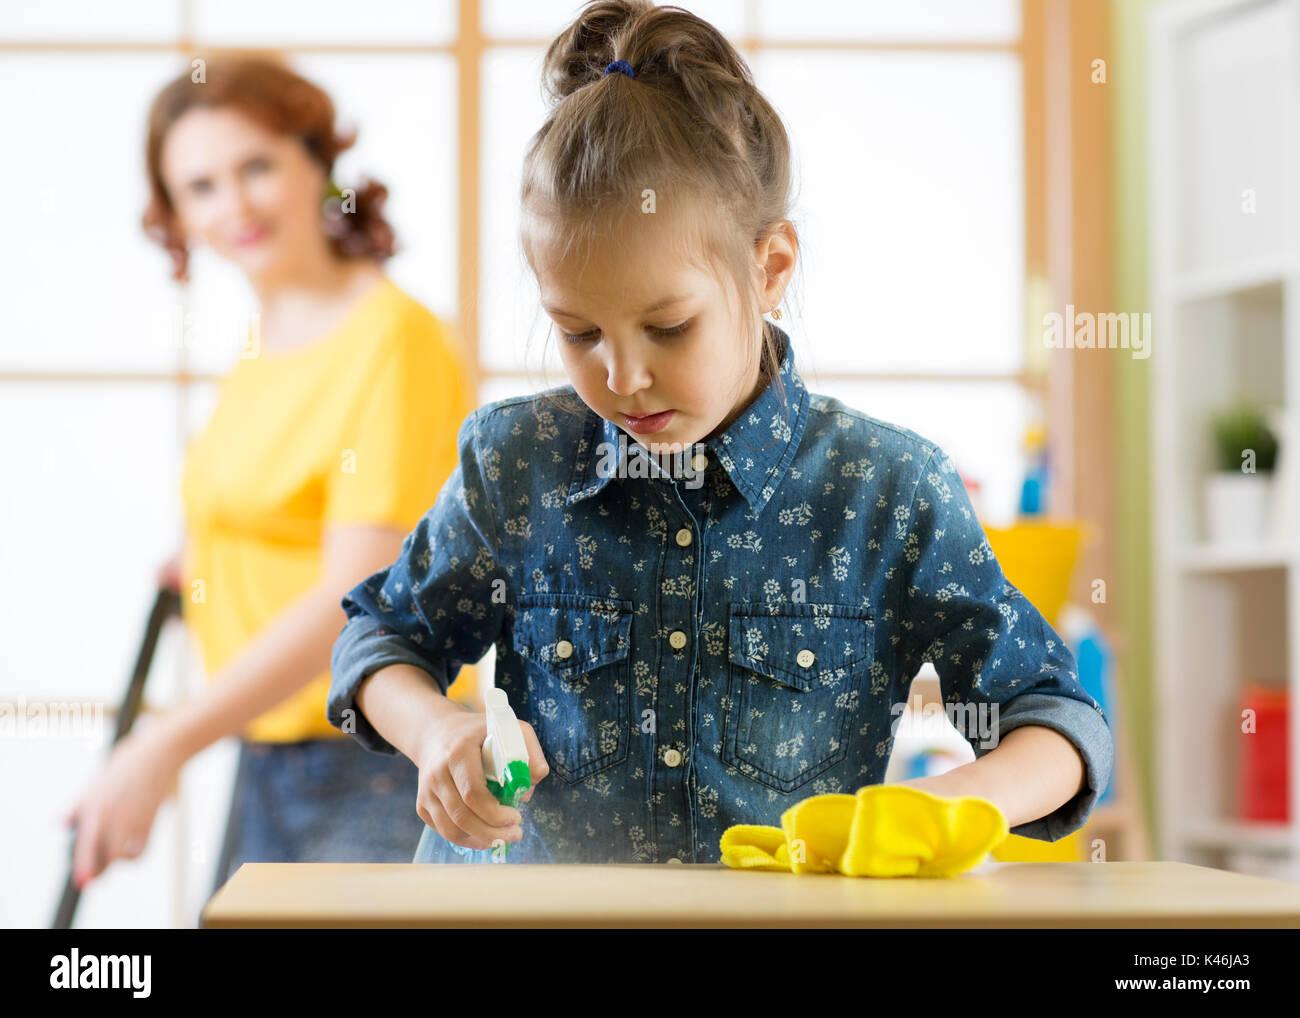 La famiglia felice pulisce la camera. La madre e il figlio di lei figlia fare pulizia in casa. Una donna e un capretto piccolo ragazza asciugò il polvere e aspirato th Immagini Stock